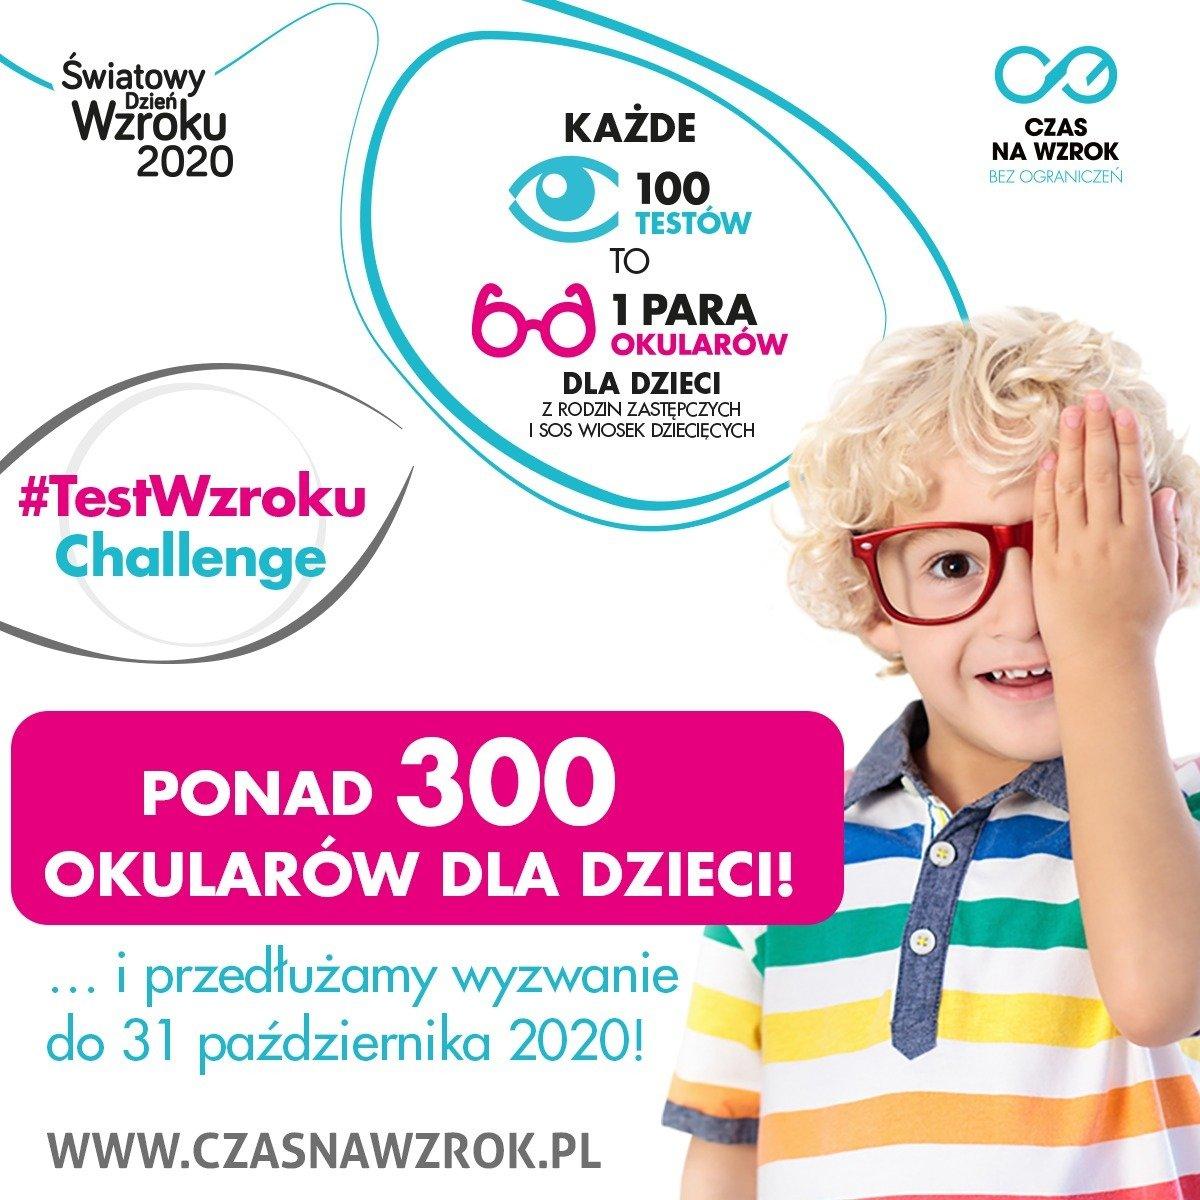 Ponad 30 000 Polaków przetestowało swój wzrok – 300 par okularów trafi do dzieci z SOS Wiosek Dziecięcych i rodzin zastępczych. A to jeszcze nie koniec!